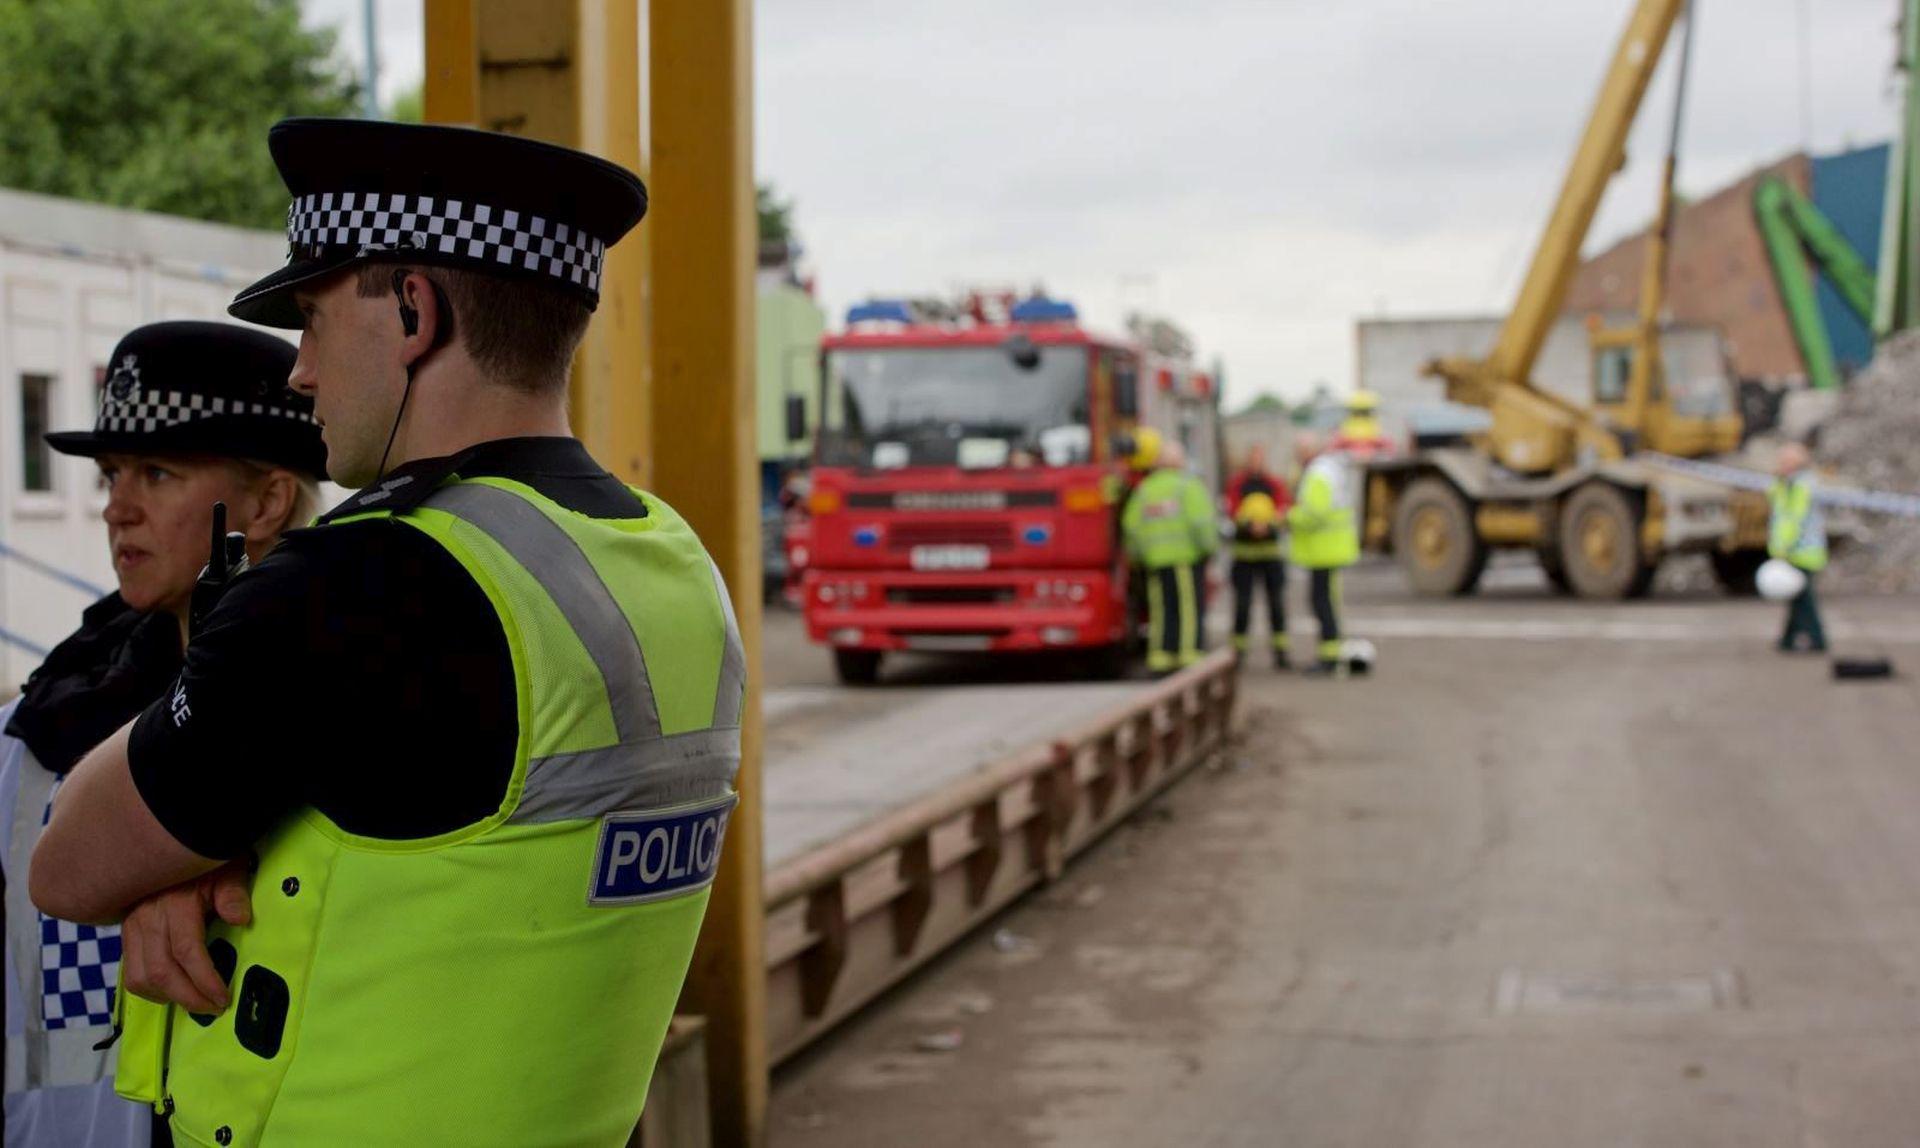 NAKON REFERENDUMA: Velika Britanija bilježi rast broja zločina iz mržnje